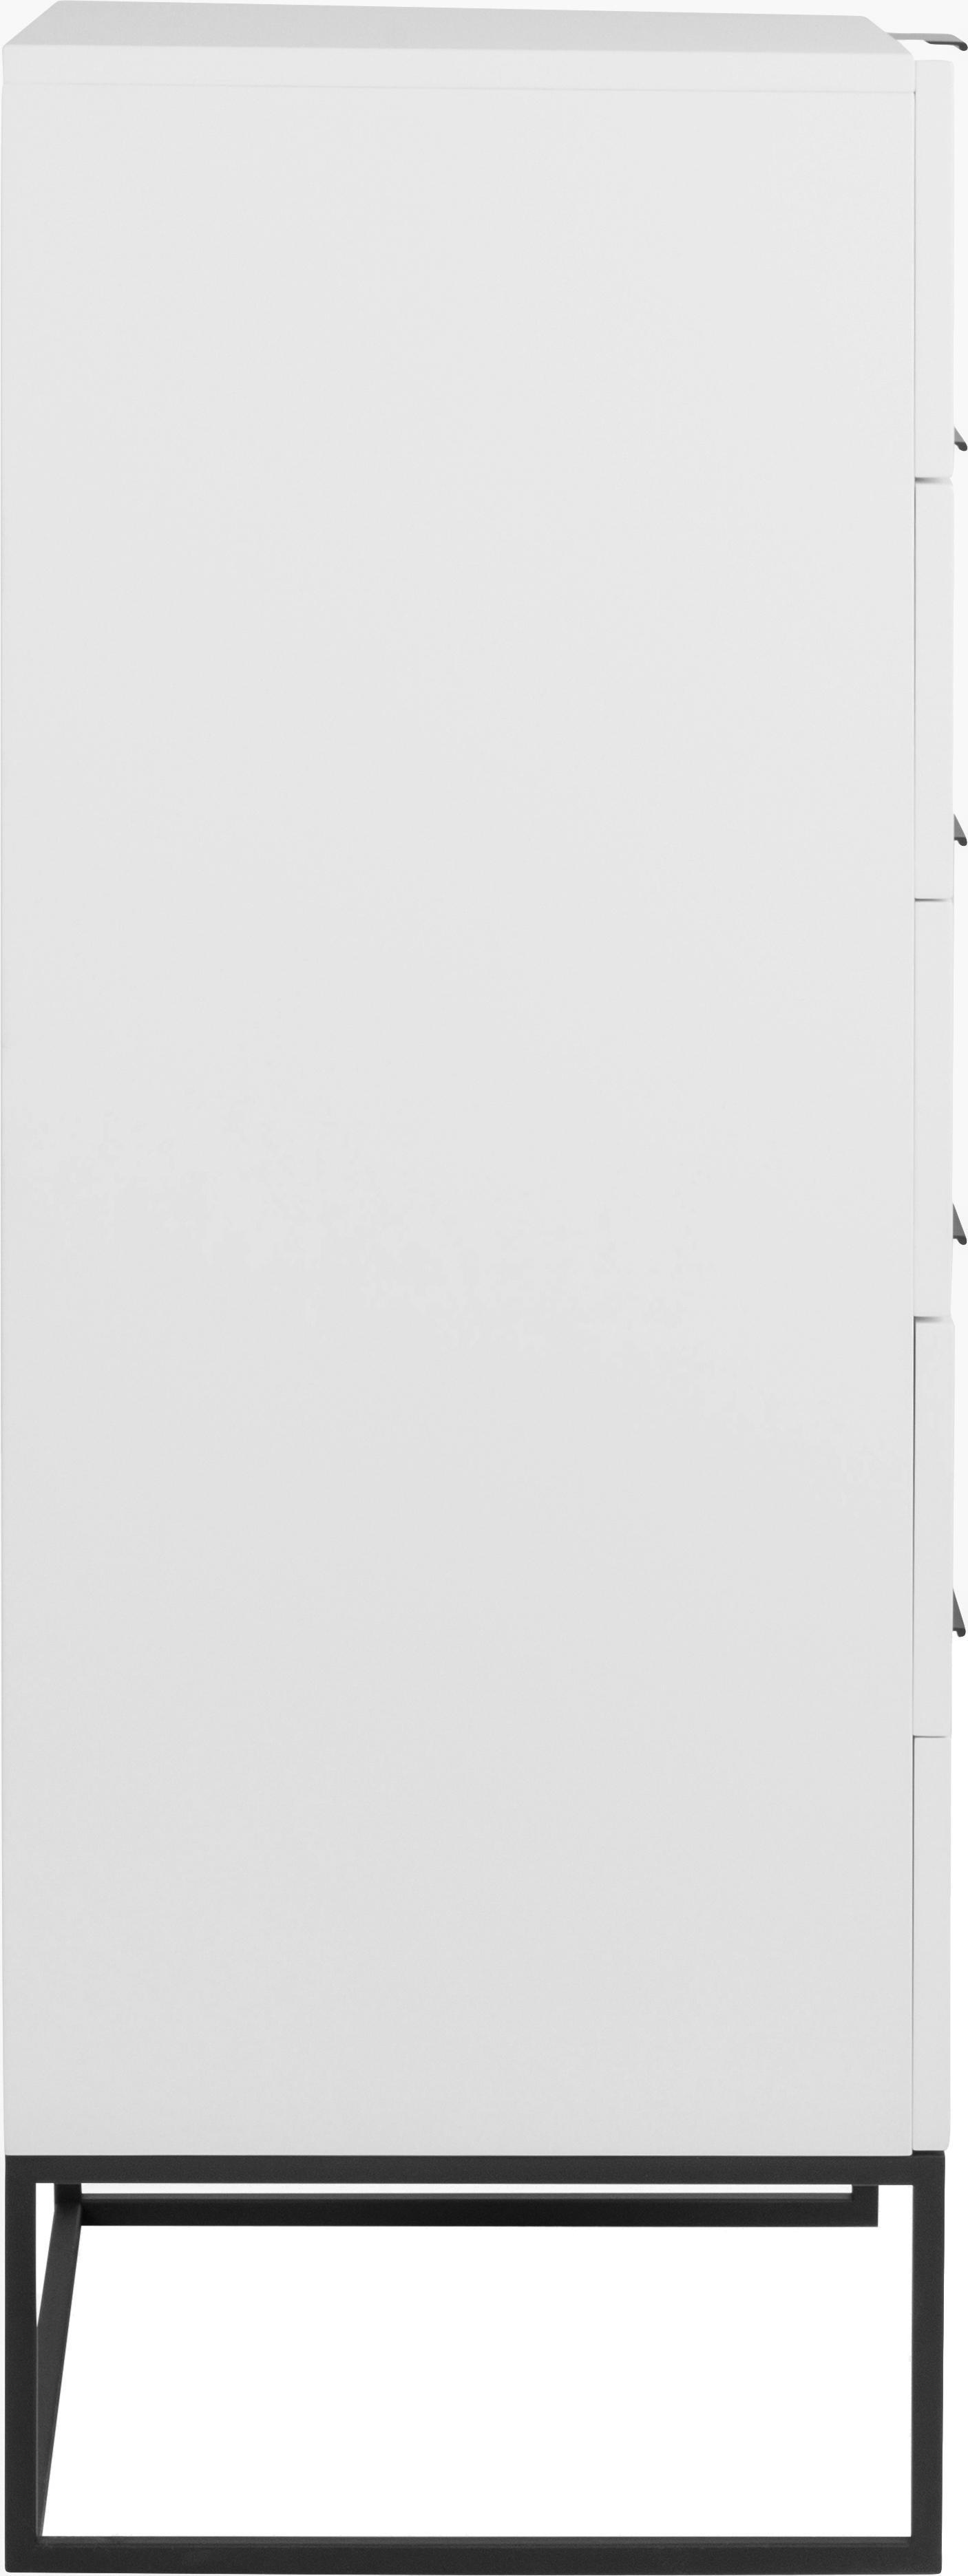 Weißes Highboard Kobe mit Schubladen, Korpus: Weiß, matt Gestell und Griffe: Schwarz, matt, 60 x 120 cm